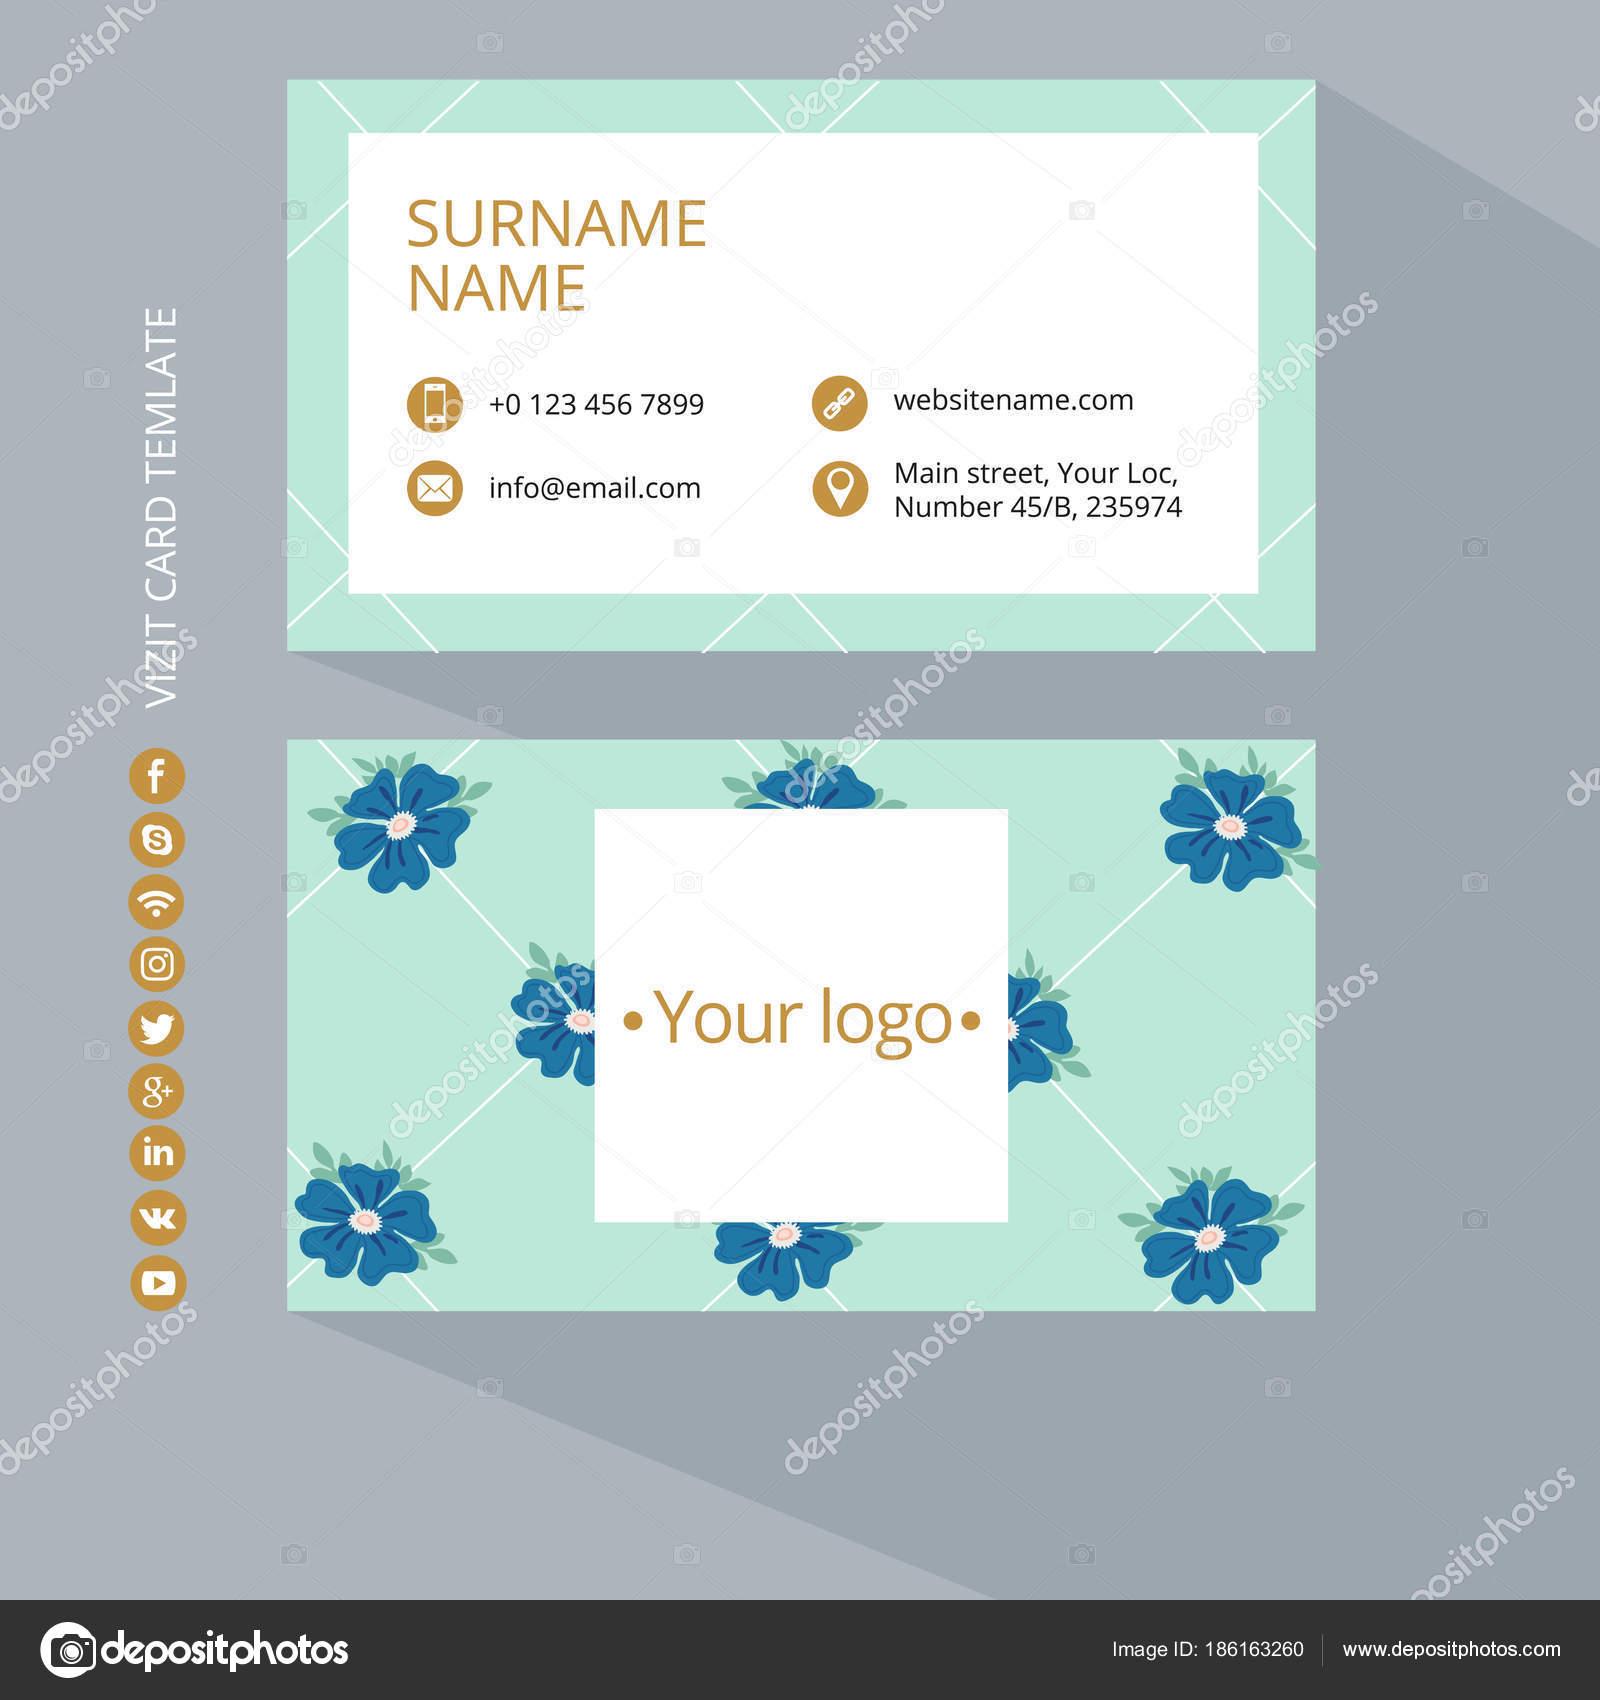 Modle Dimpression Carte De Visite Avec Des Icnes Rseaux Sociaux Couleurs Bleu Or Et Turquois Nettoyer Le Design Plat Illustration Vectorielle